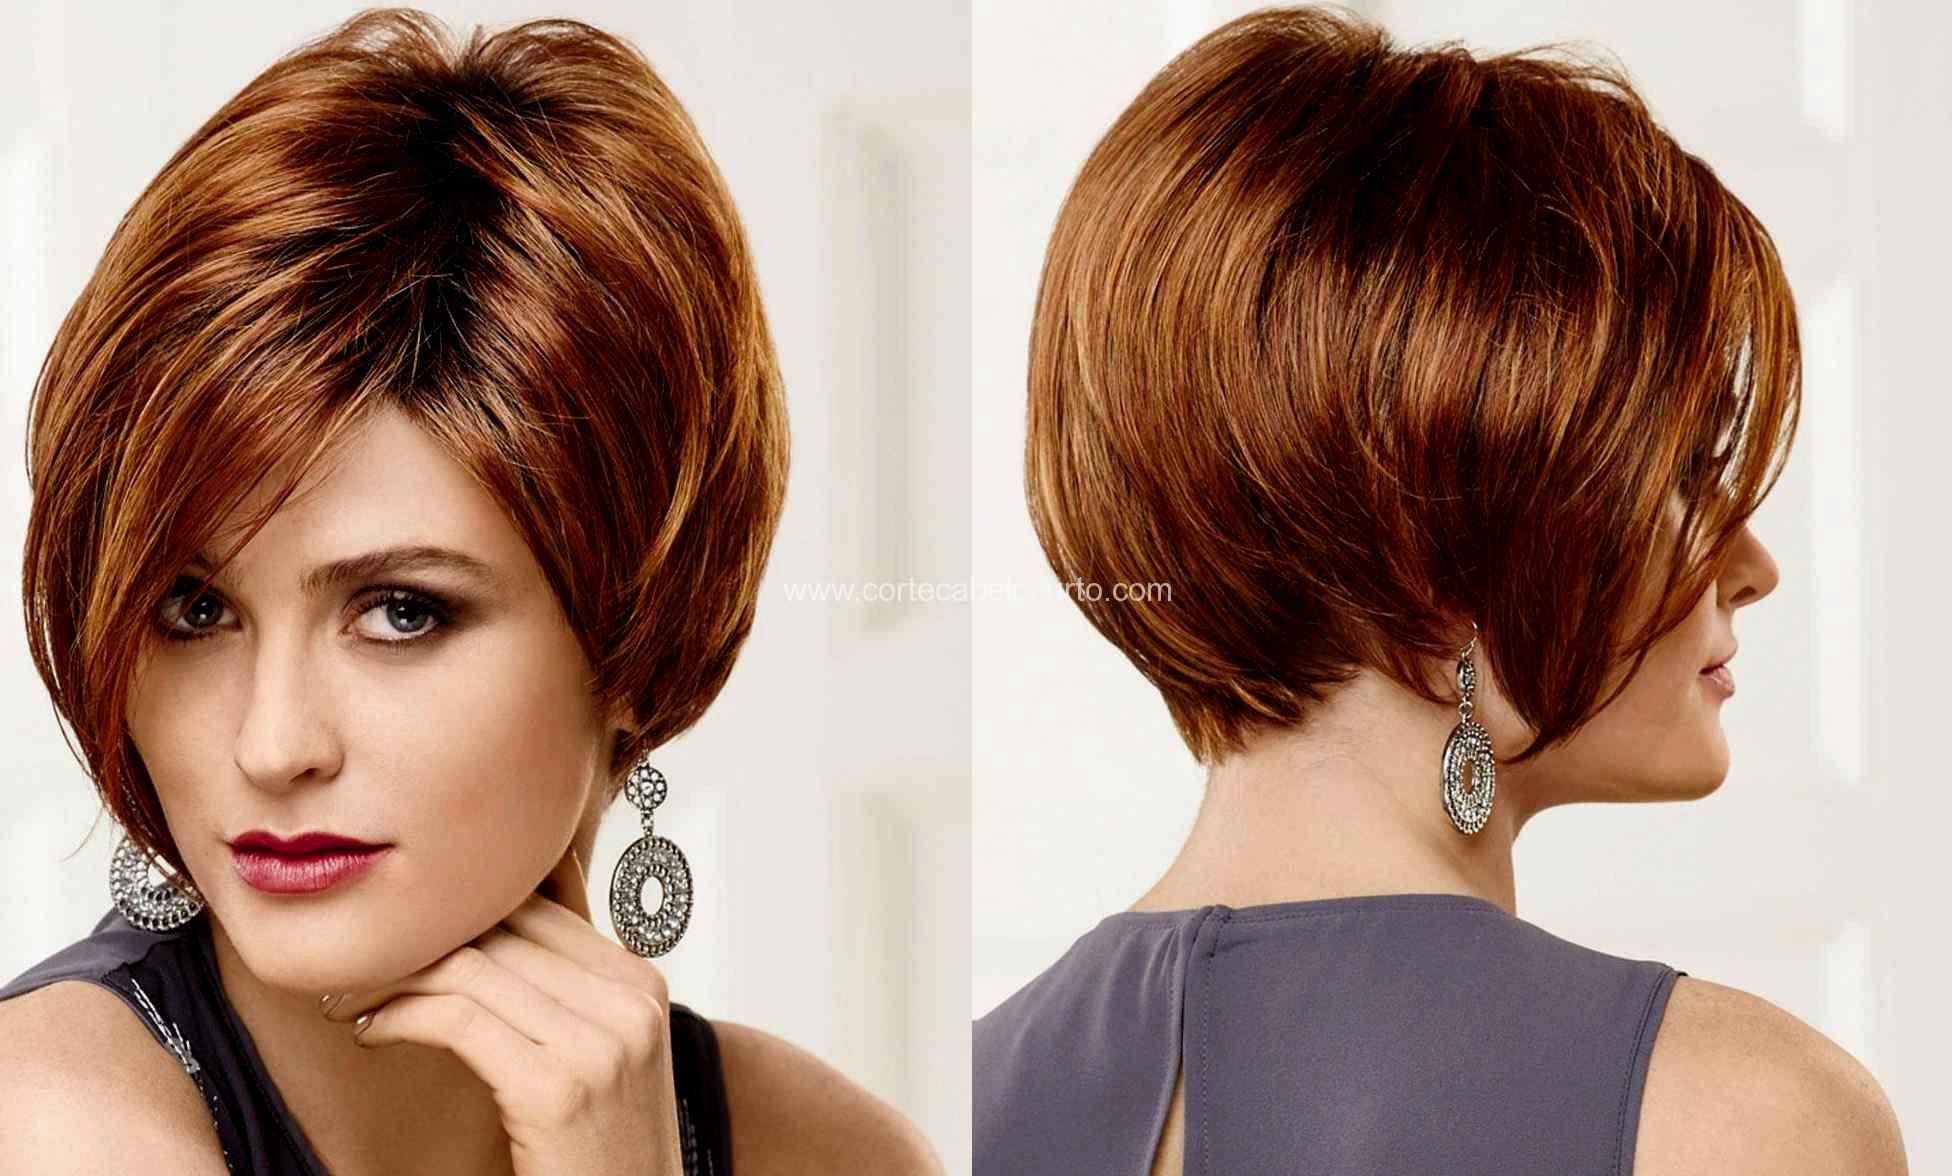 inspirational corte de cabelo curto moderno imagem-Unique Corte De Cabelo Curto Moderno Imagem